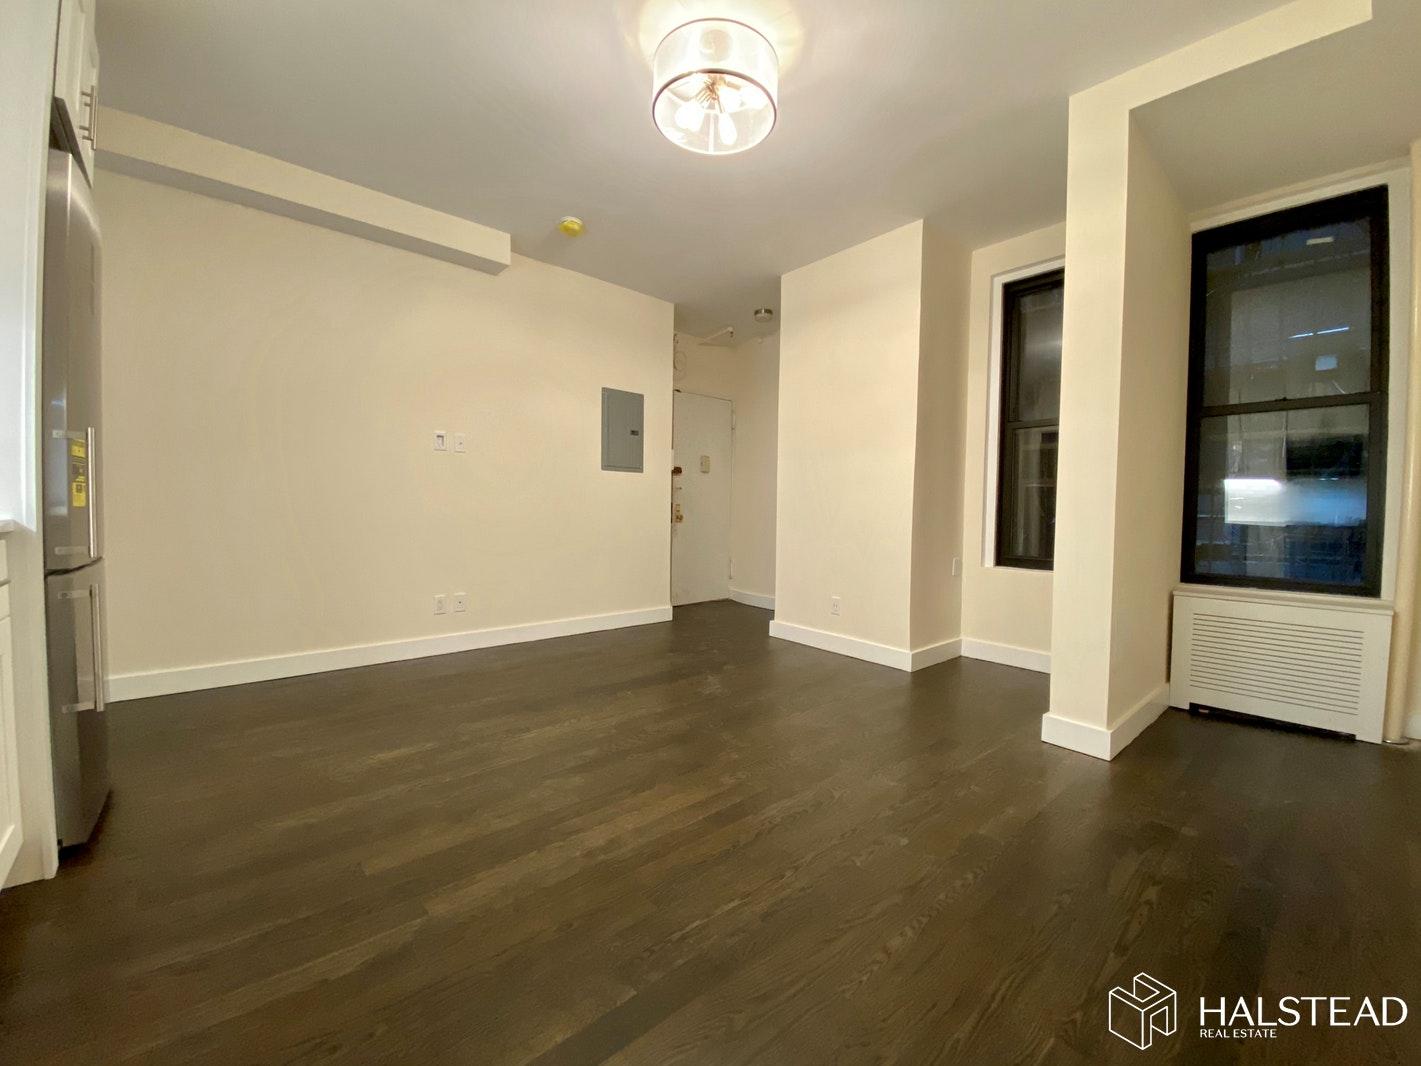 245 WEST 72ND STREET 2B, Upper West Side, $2,900, Web #: 19990008